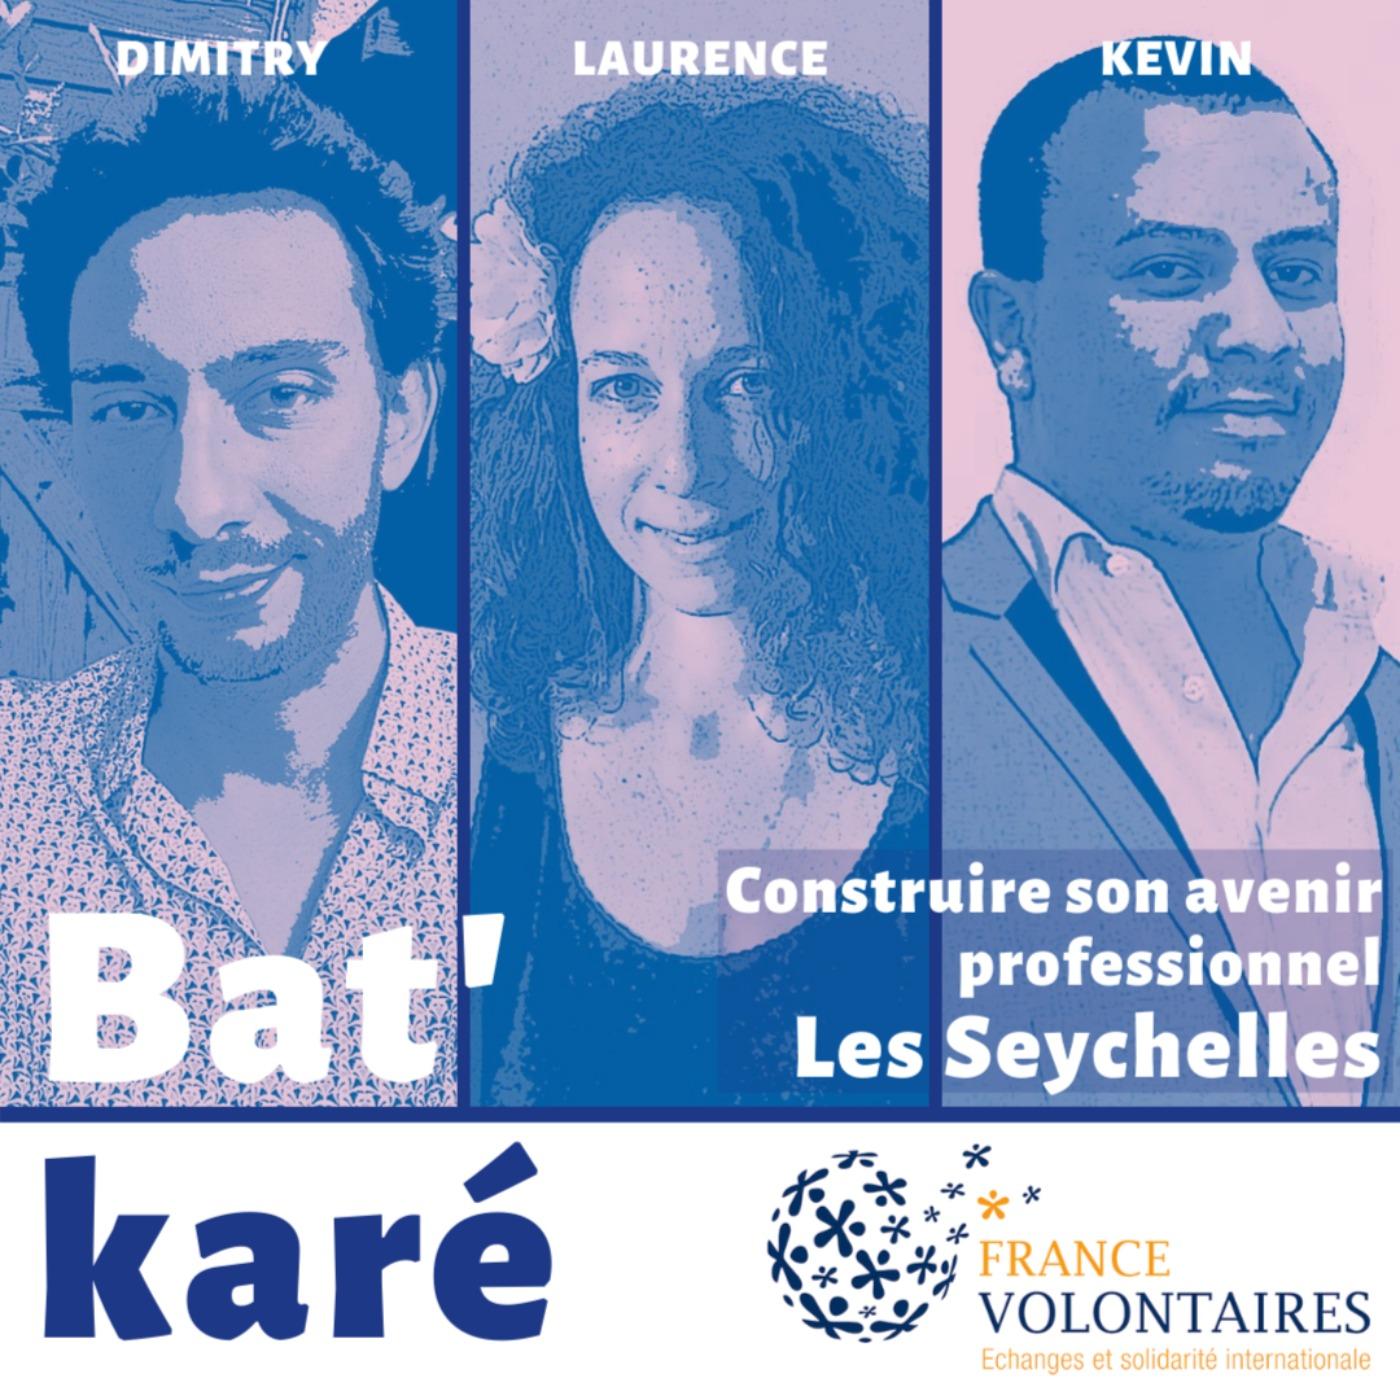 Spécial volontariat #3 – Les Seychelles : Construire son avenir professionnel